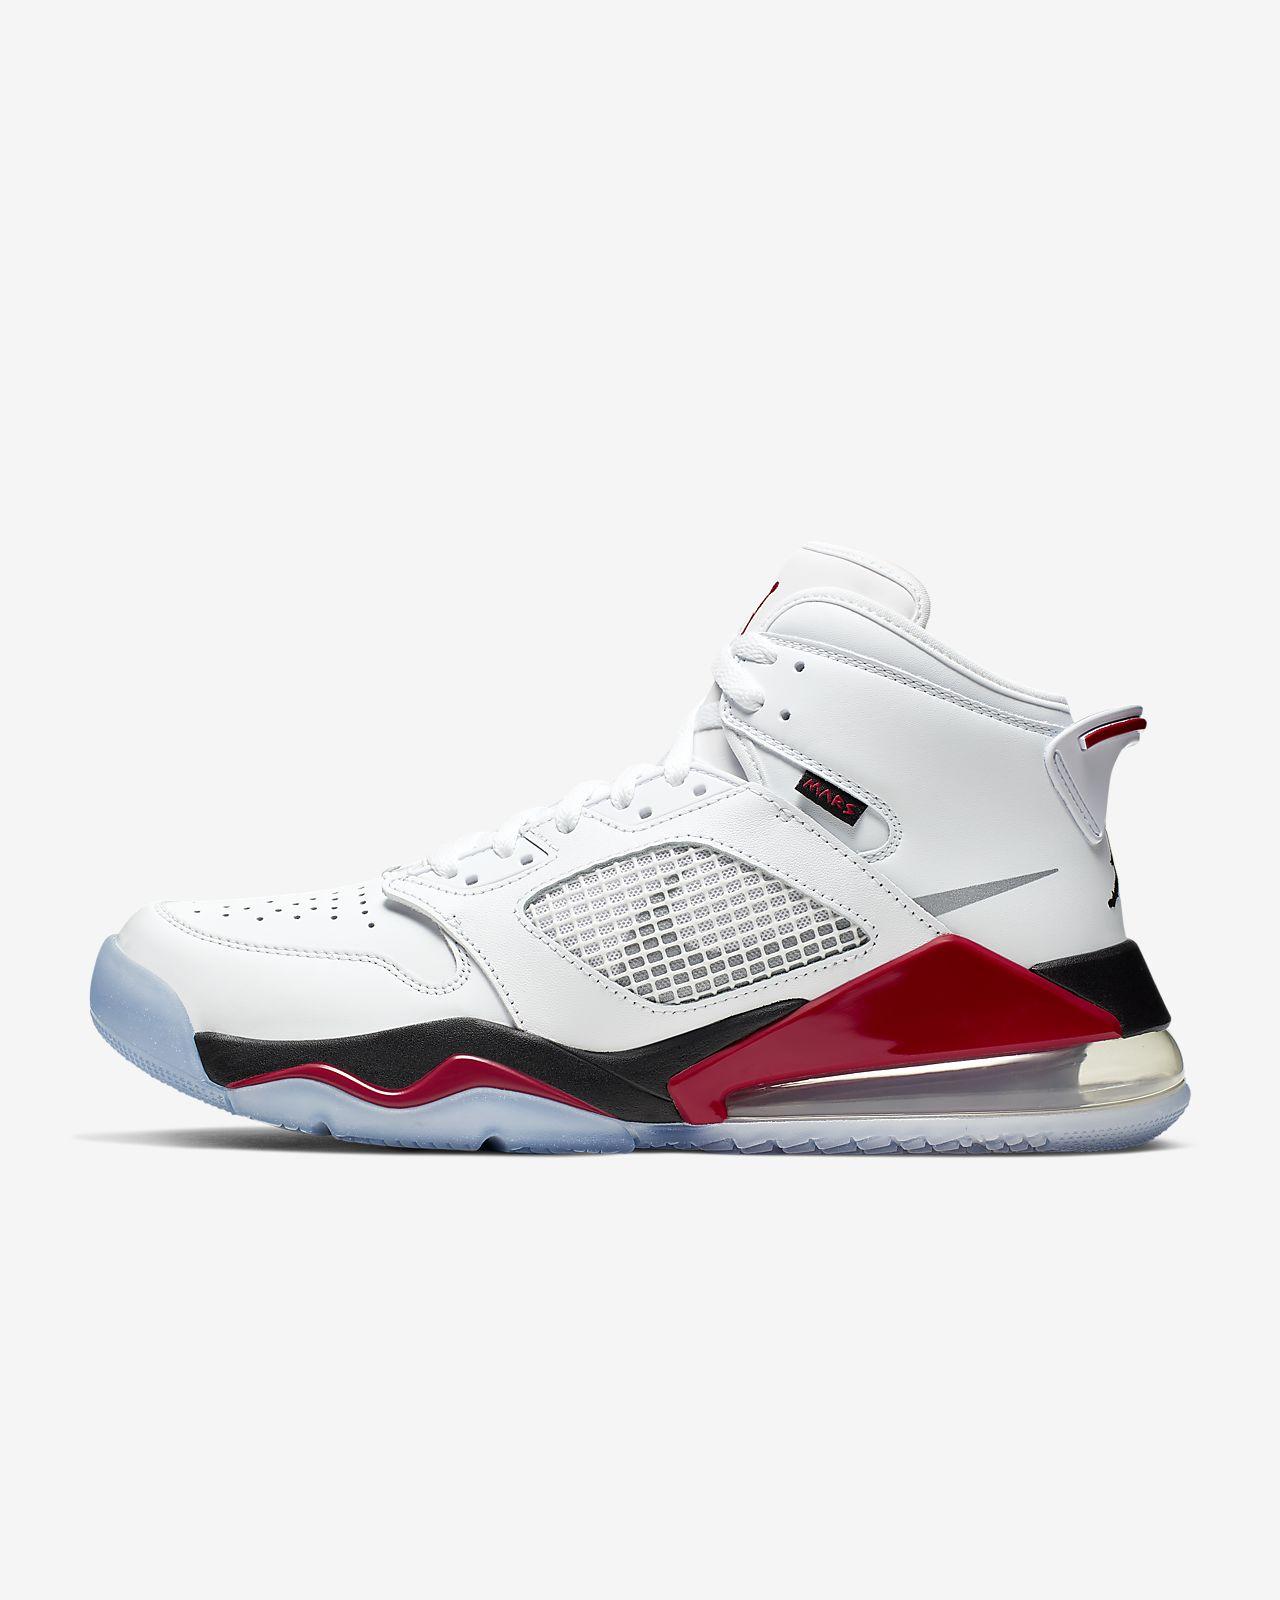 Sko Jordan Mars 270 för män